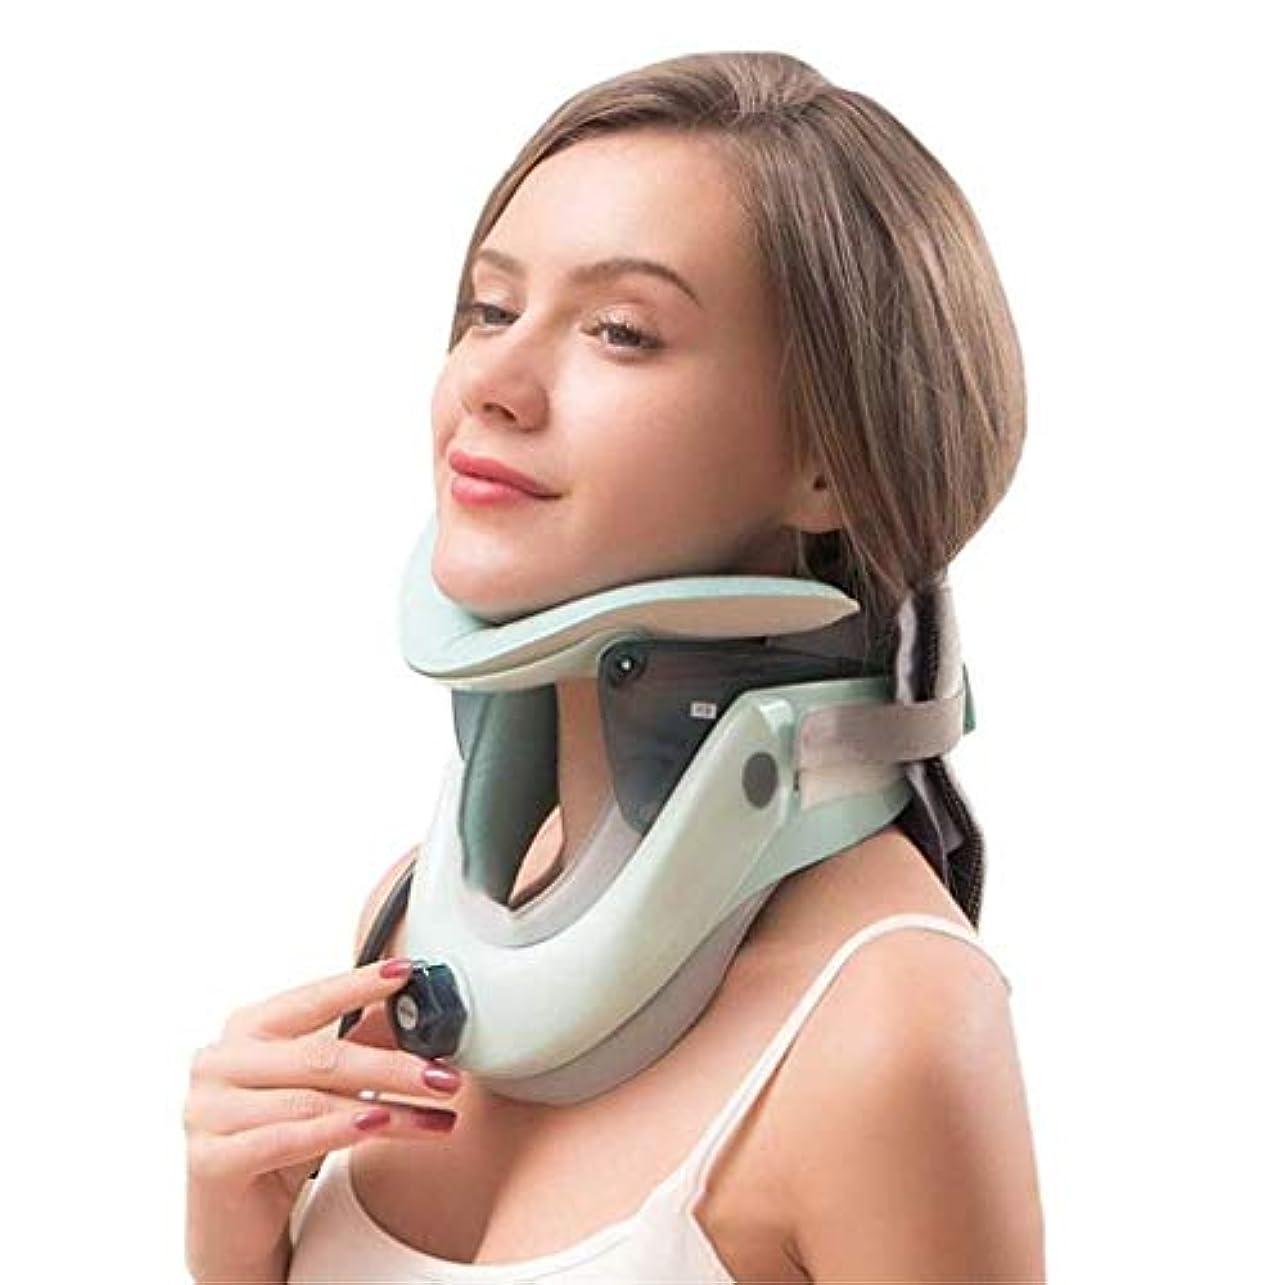 赤字カートン解釈頸部牽引ツール、医療用頸部牽引装置、家庭用インフレータブルネックサポート頸部サポート、ストレッチヘッド補正サポート、首と肩のマッサージャーのサポート痛みの軽減